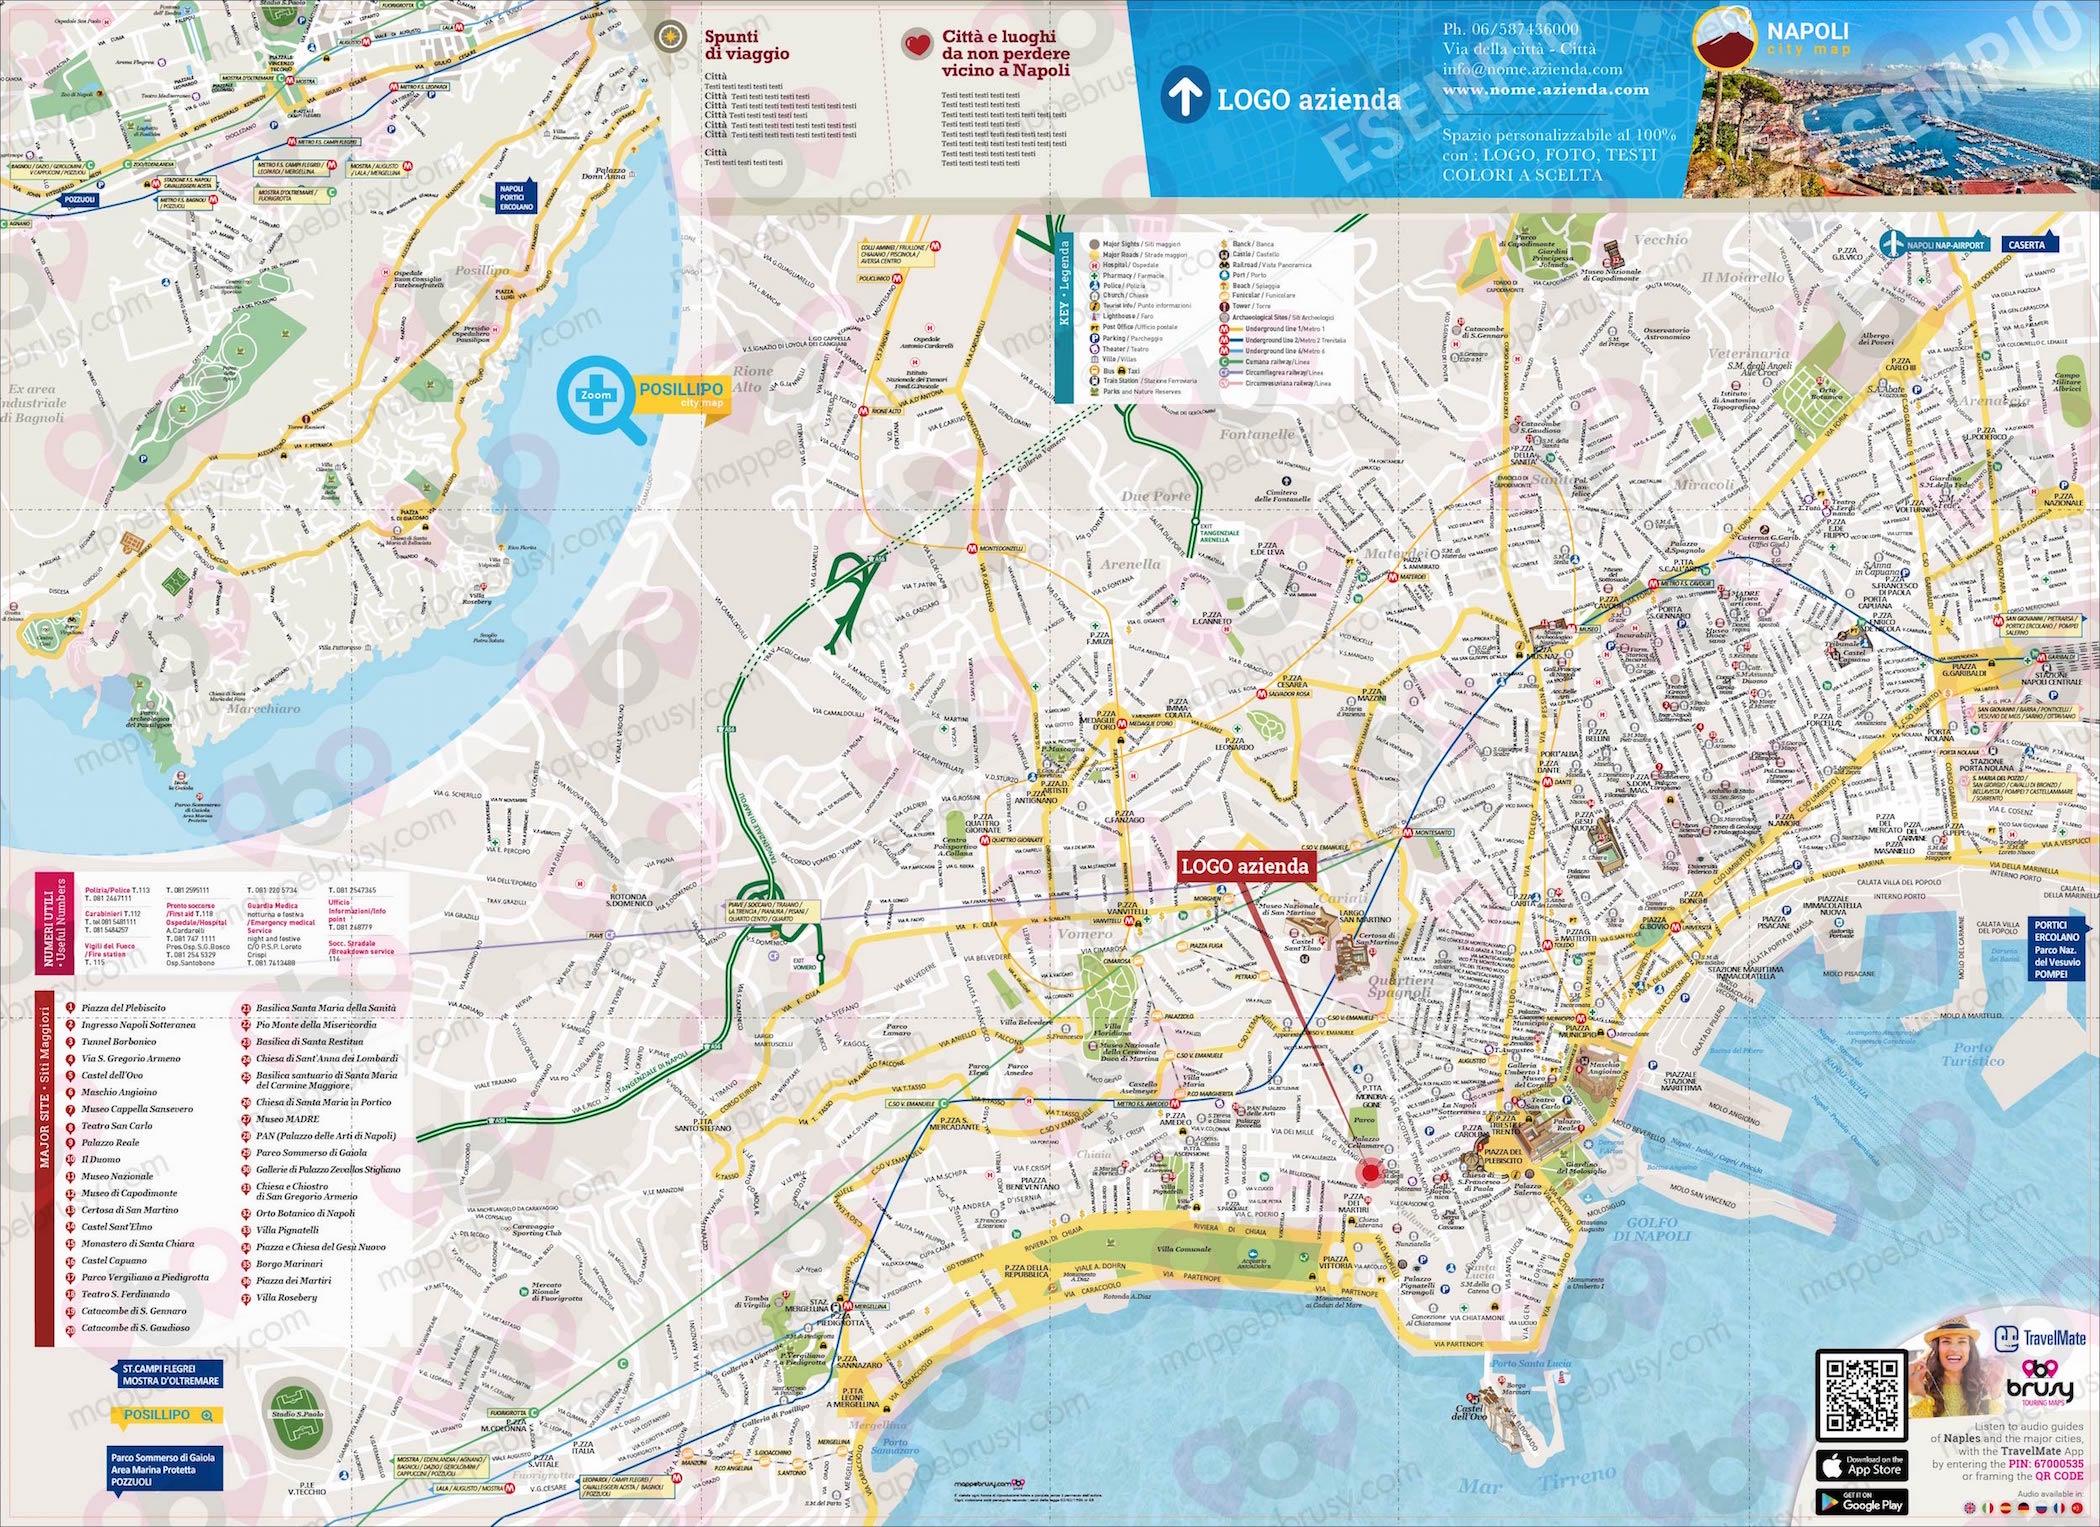 Cartina Napoli Da Stampare.Napoli Mappe Brusy